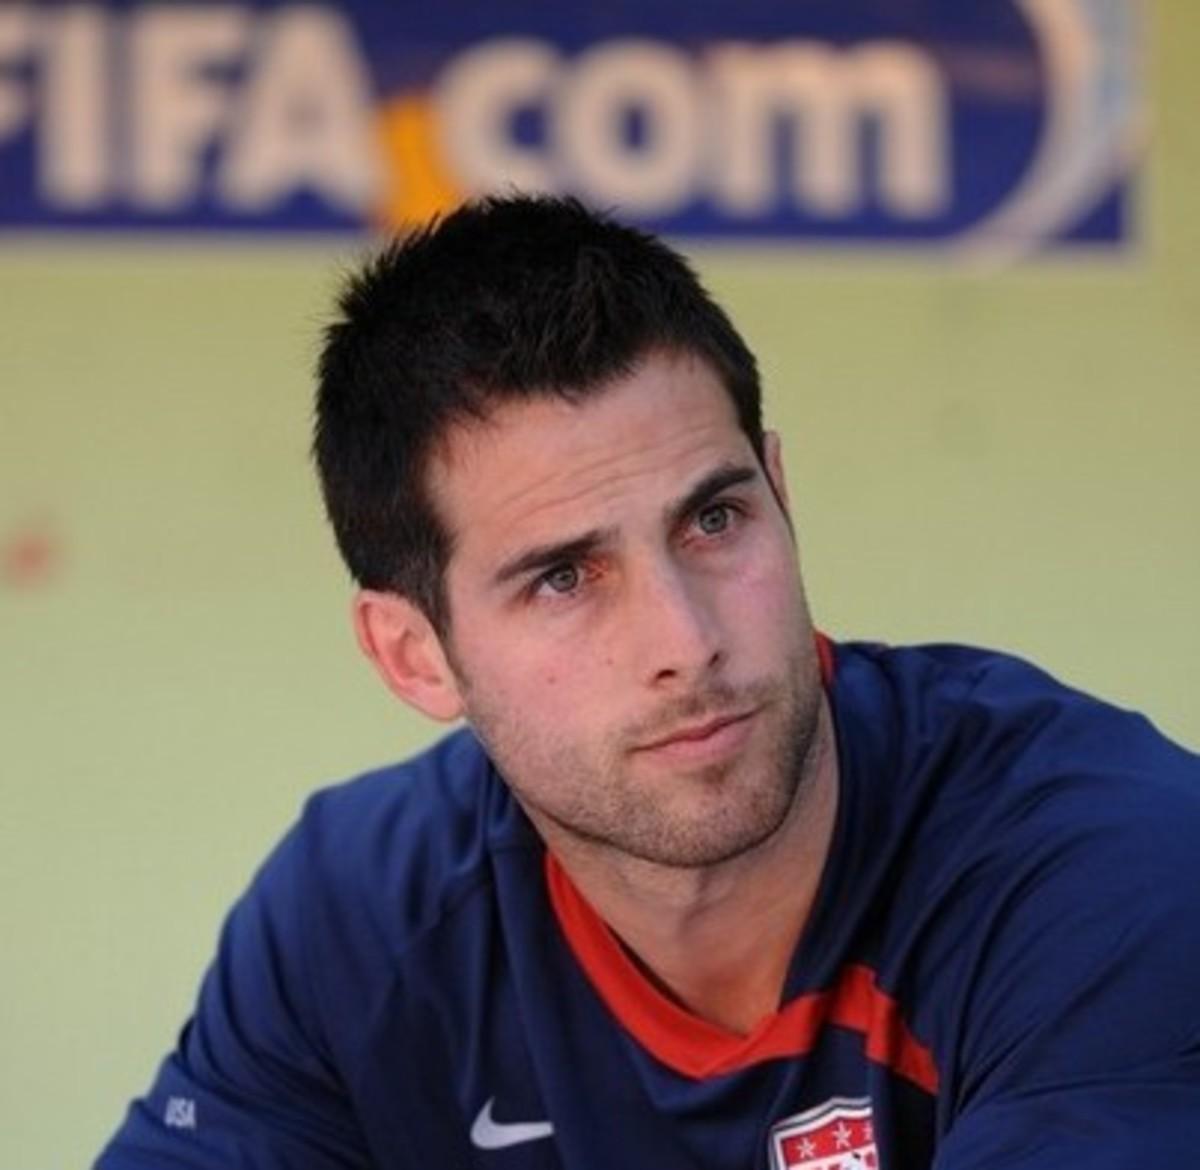 Carlos Bocanegra - team captain